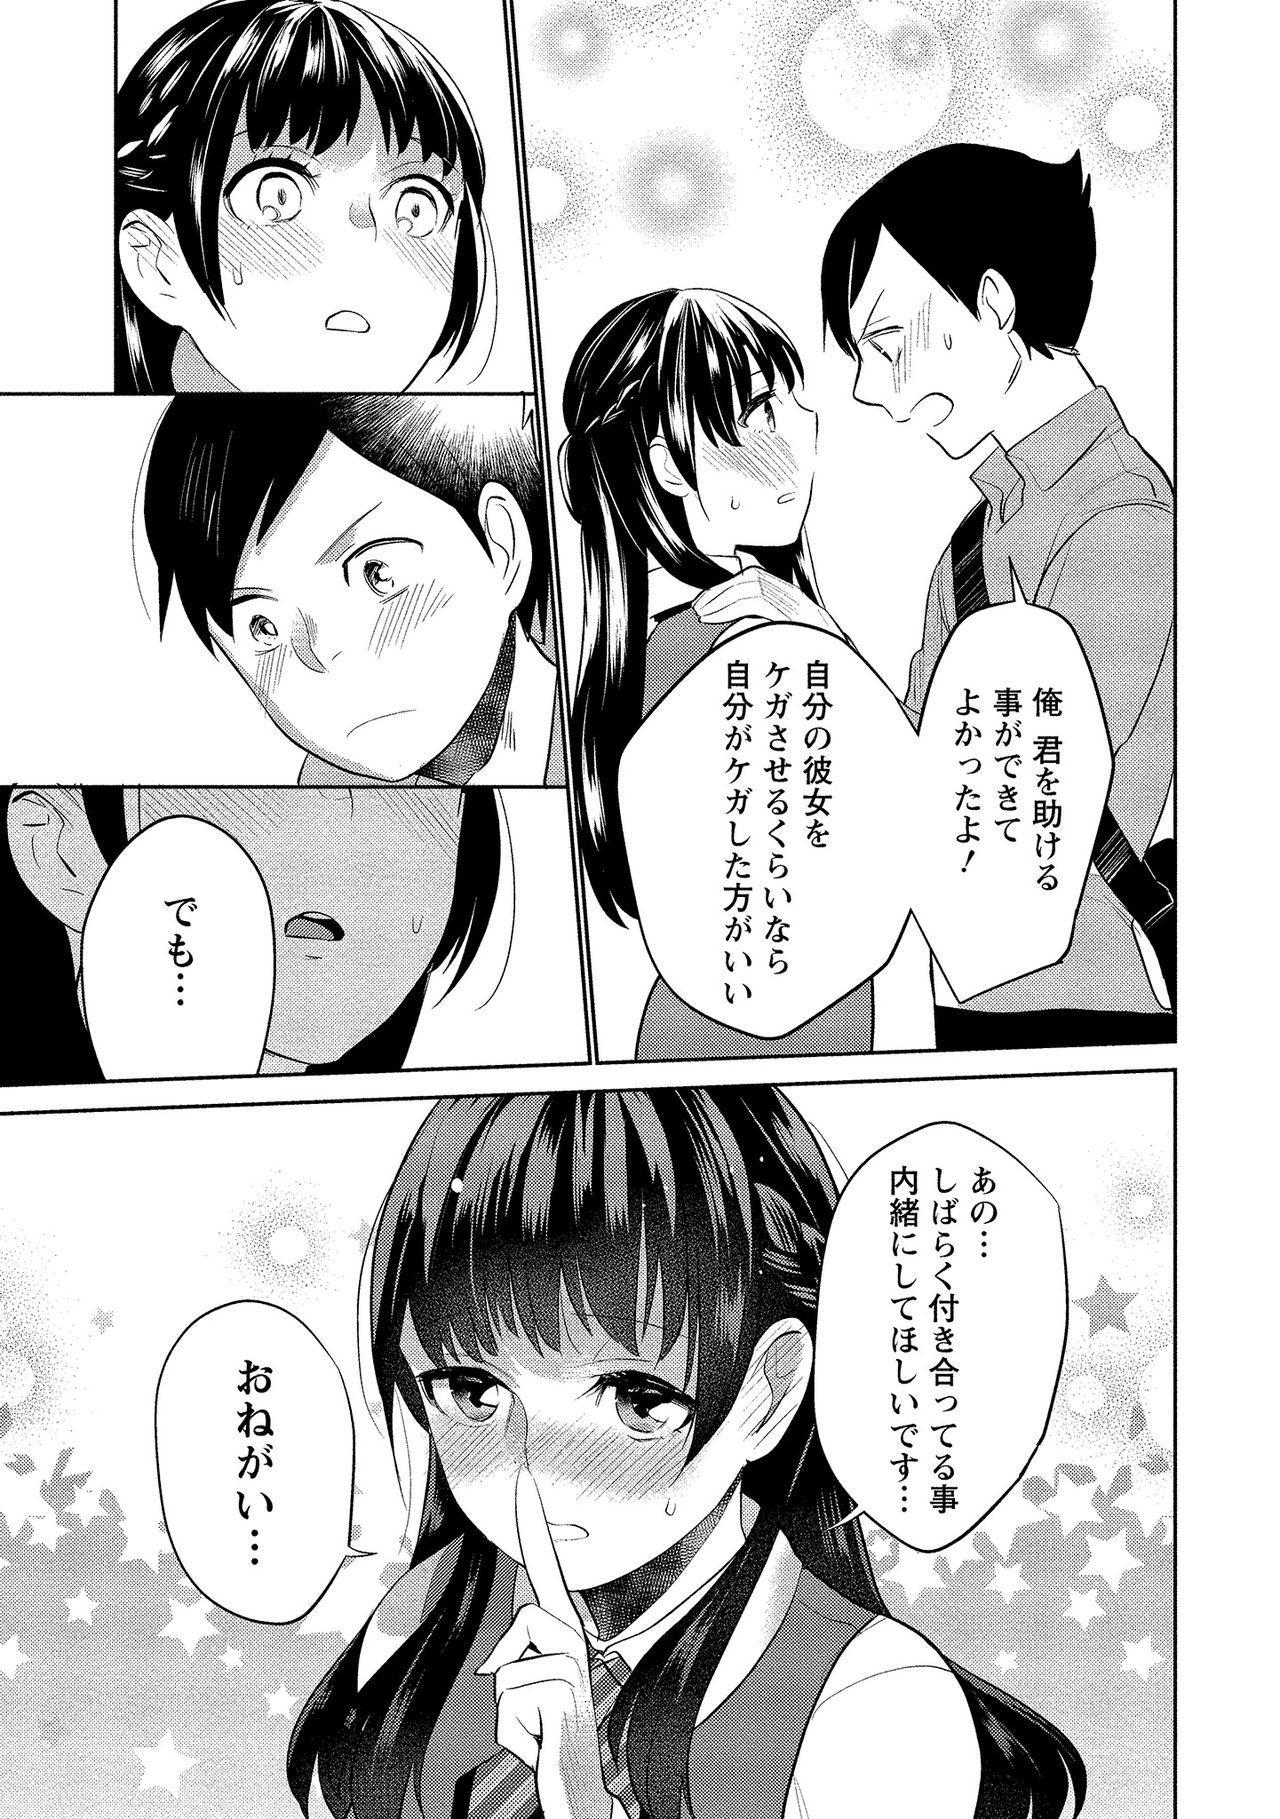 Dorobou Neko wa Kanojo no Hajimari 47